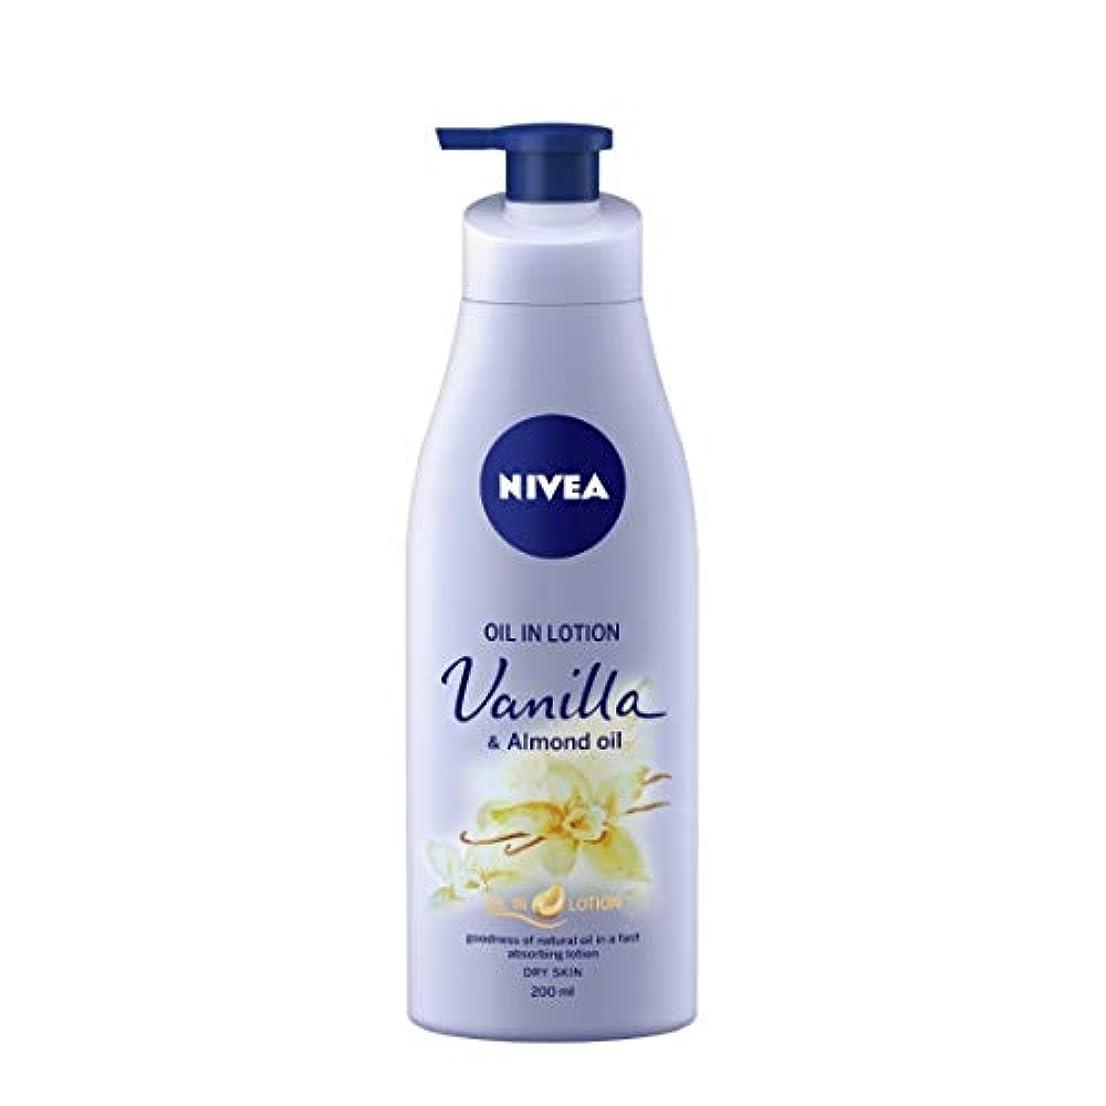 変位元のランダムNIVEA Oil in Lotion, Vanilla and Almond Oil, 200ml